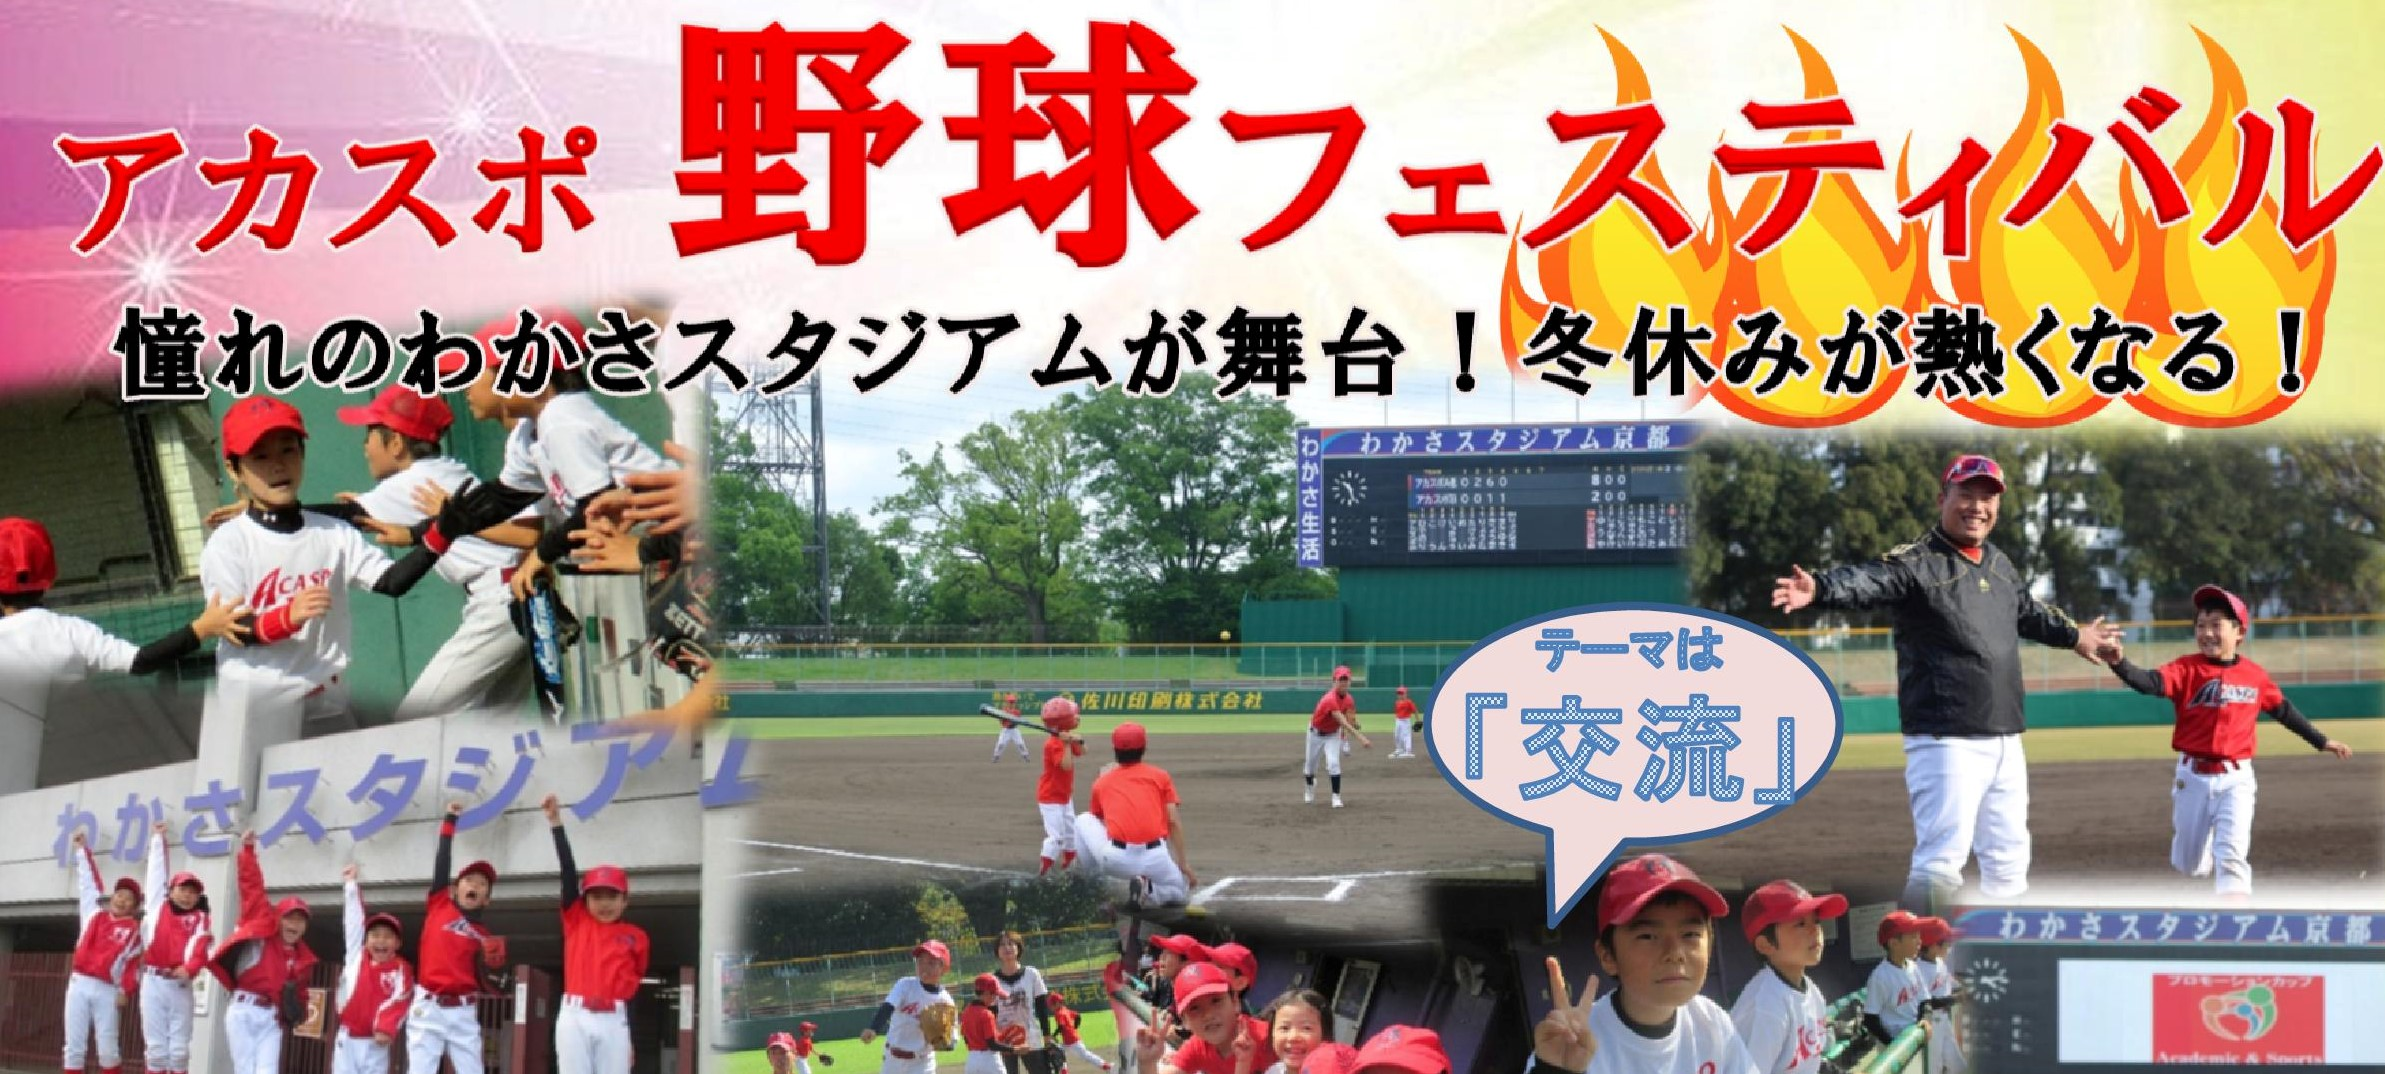 【野球S】アカスポ野球フェスティバル